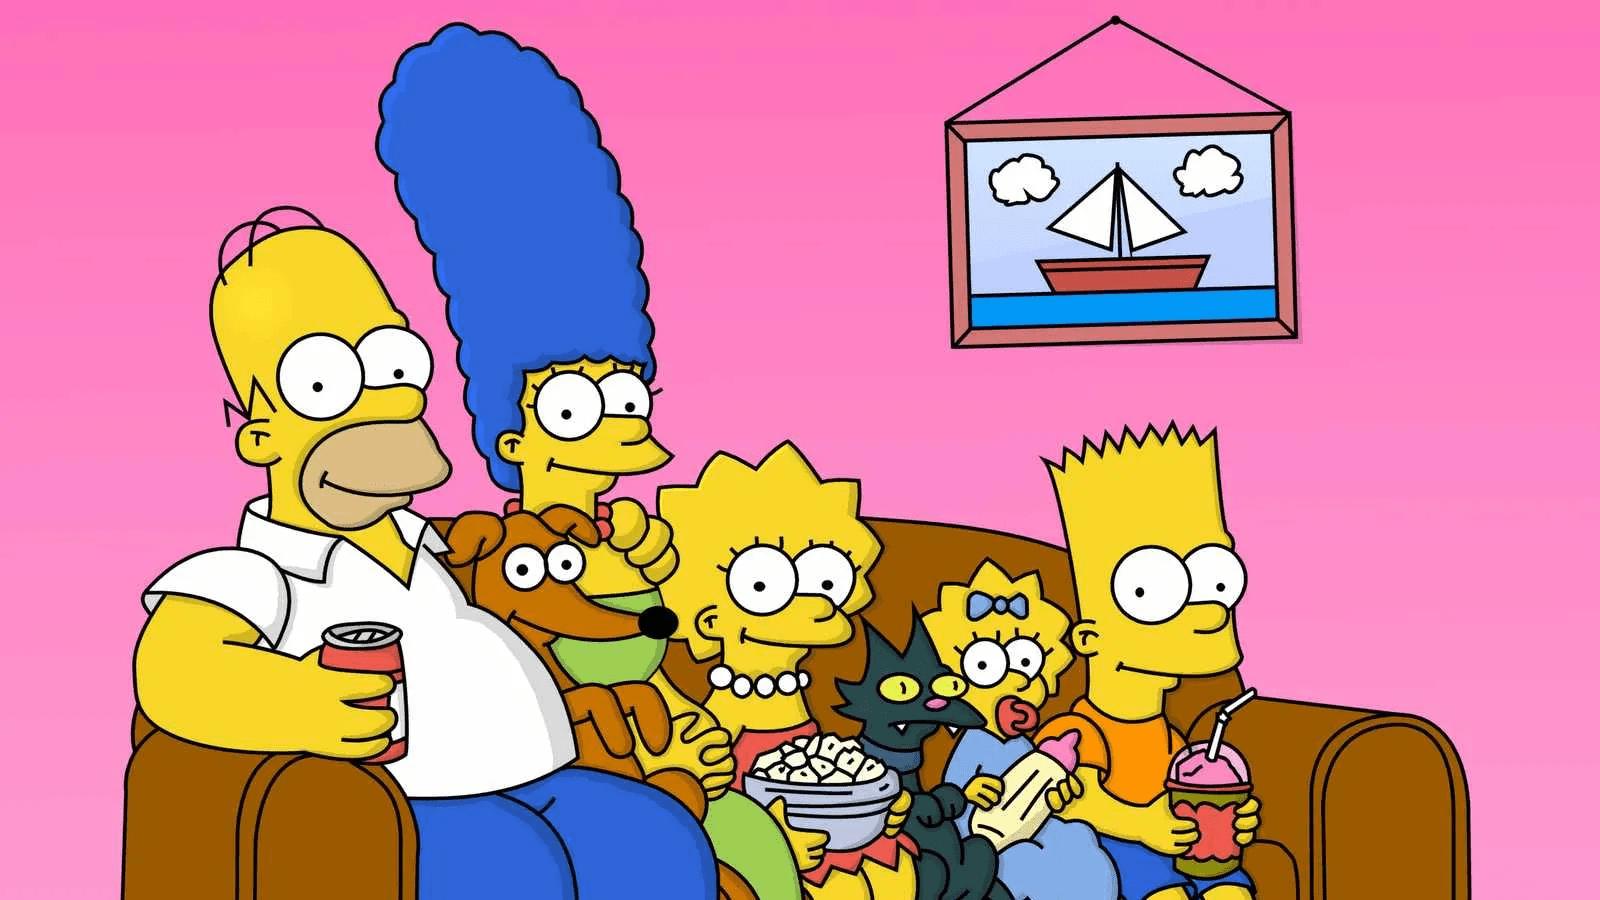 Les Simpson et leurs prédictions troublantes... - Cultea